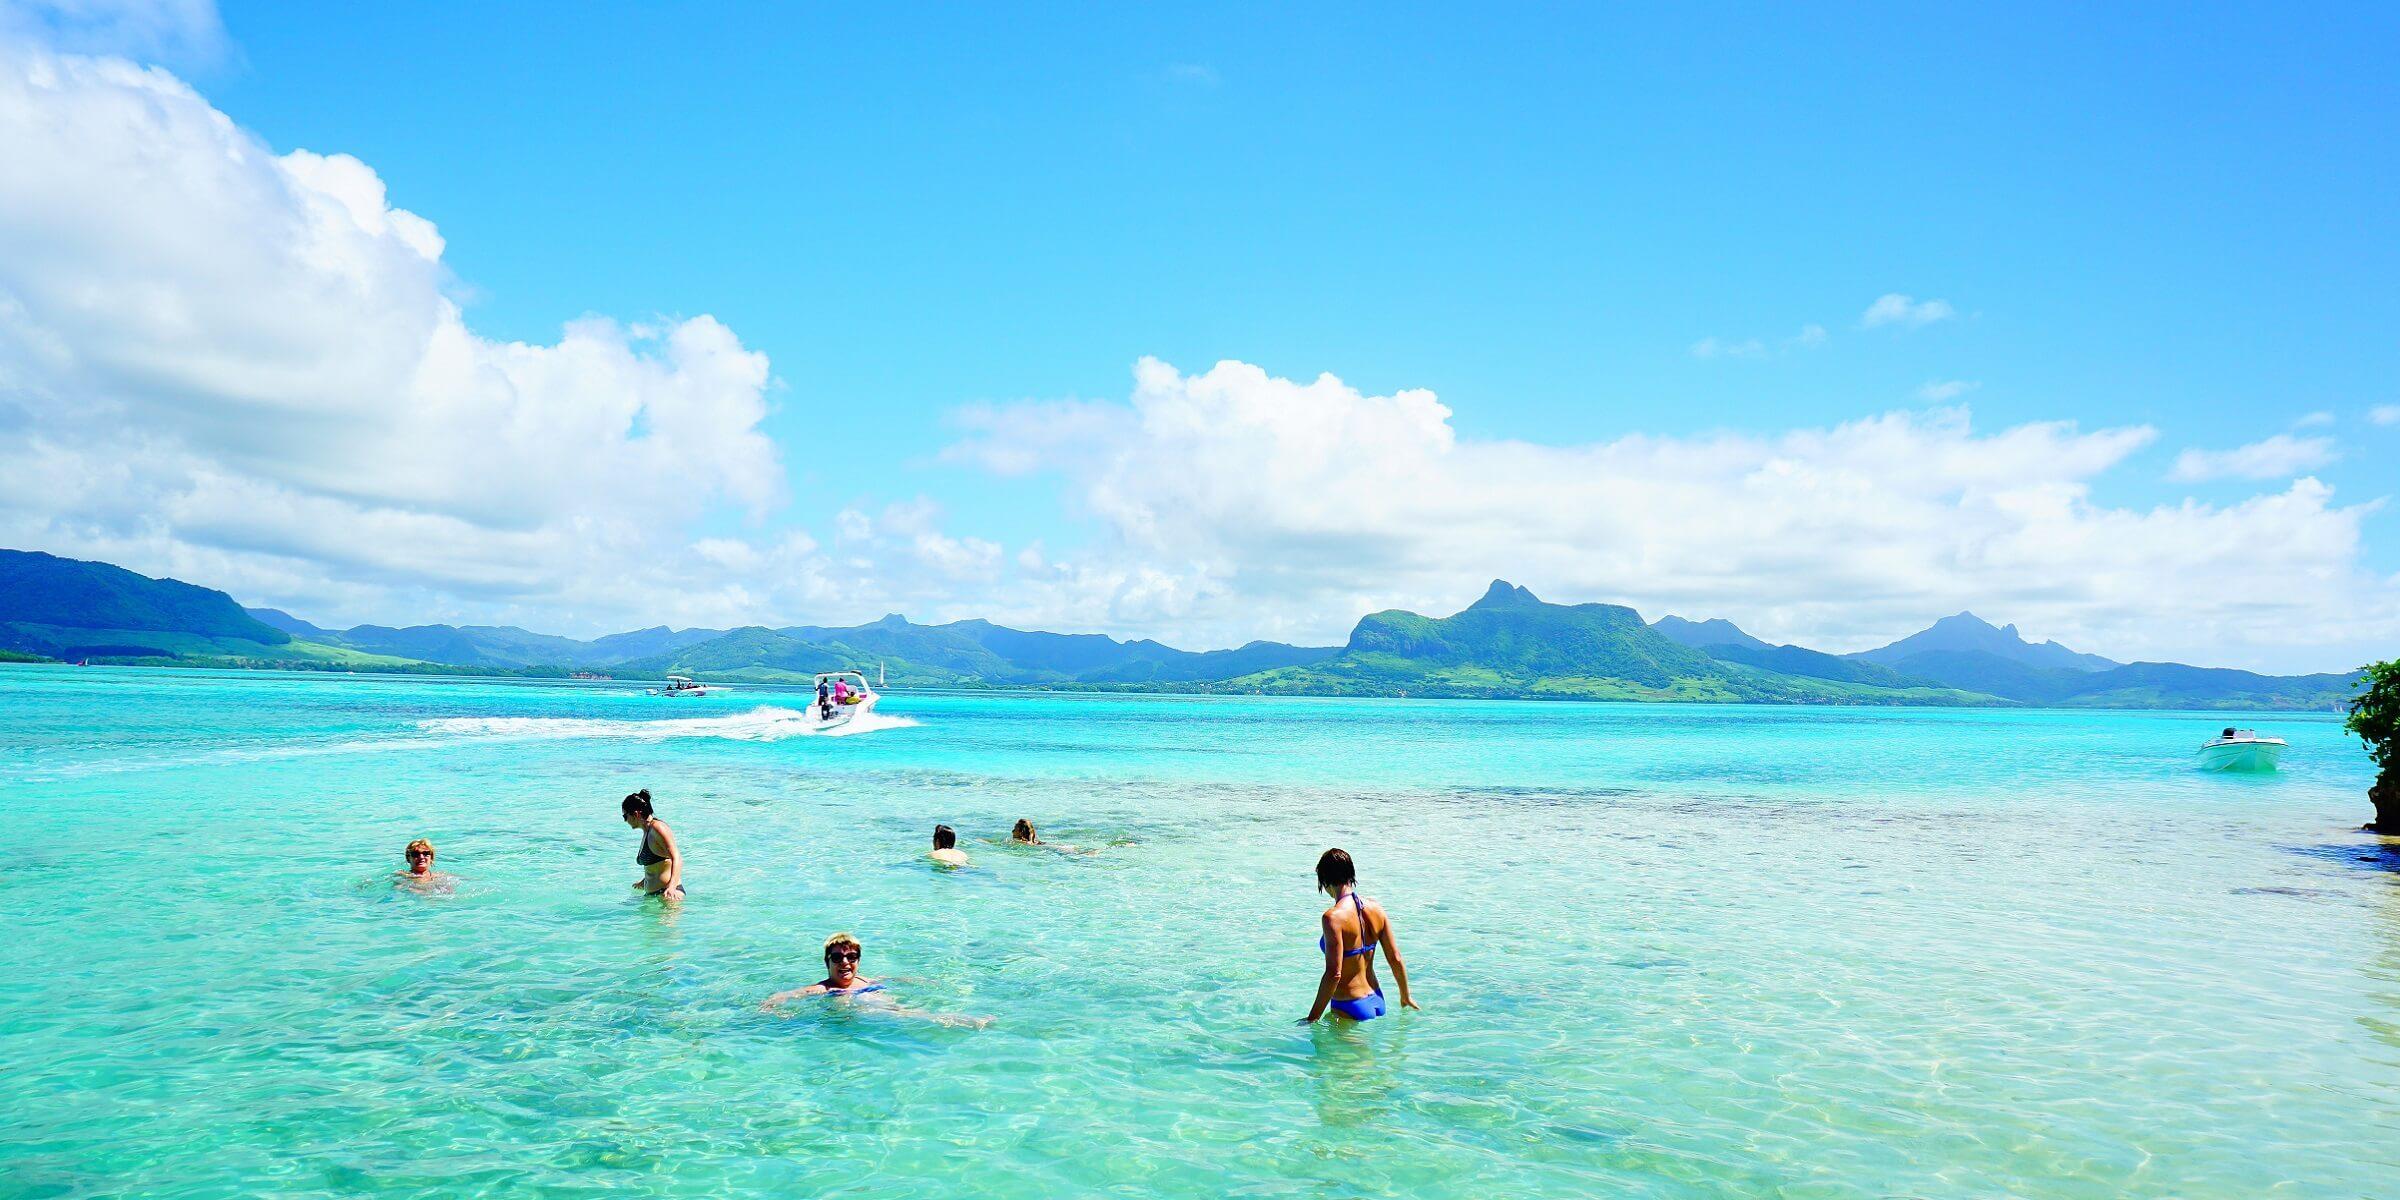 Selten haben Sie so klares Wasser als auf Mauritius gesehen